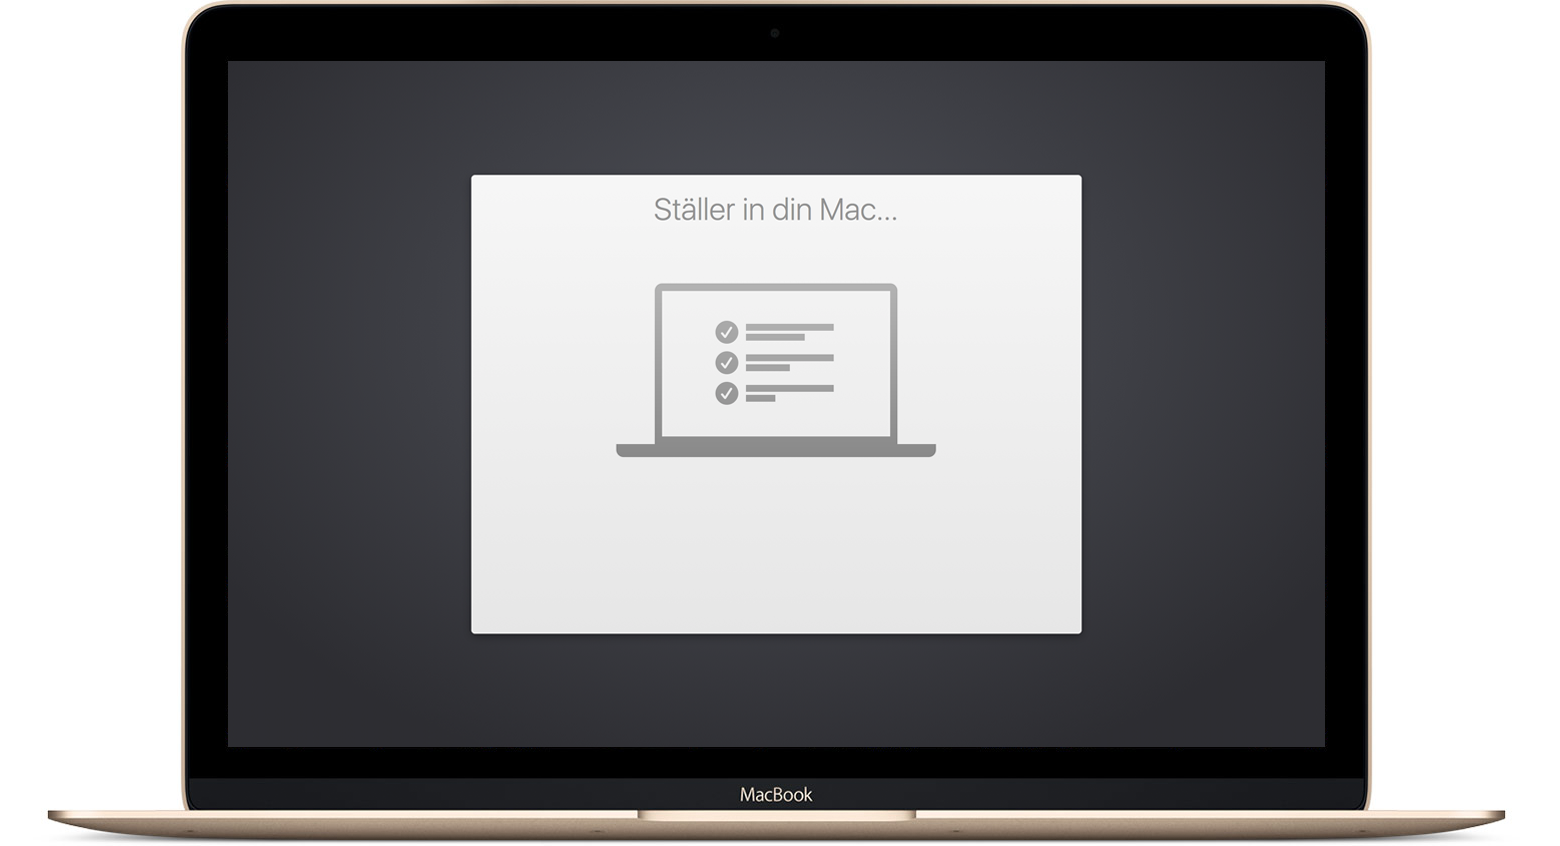 Hur du koppla in din iPhone till din Mac